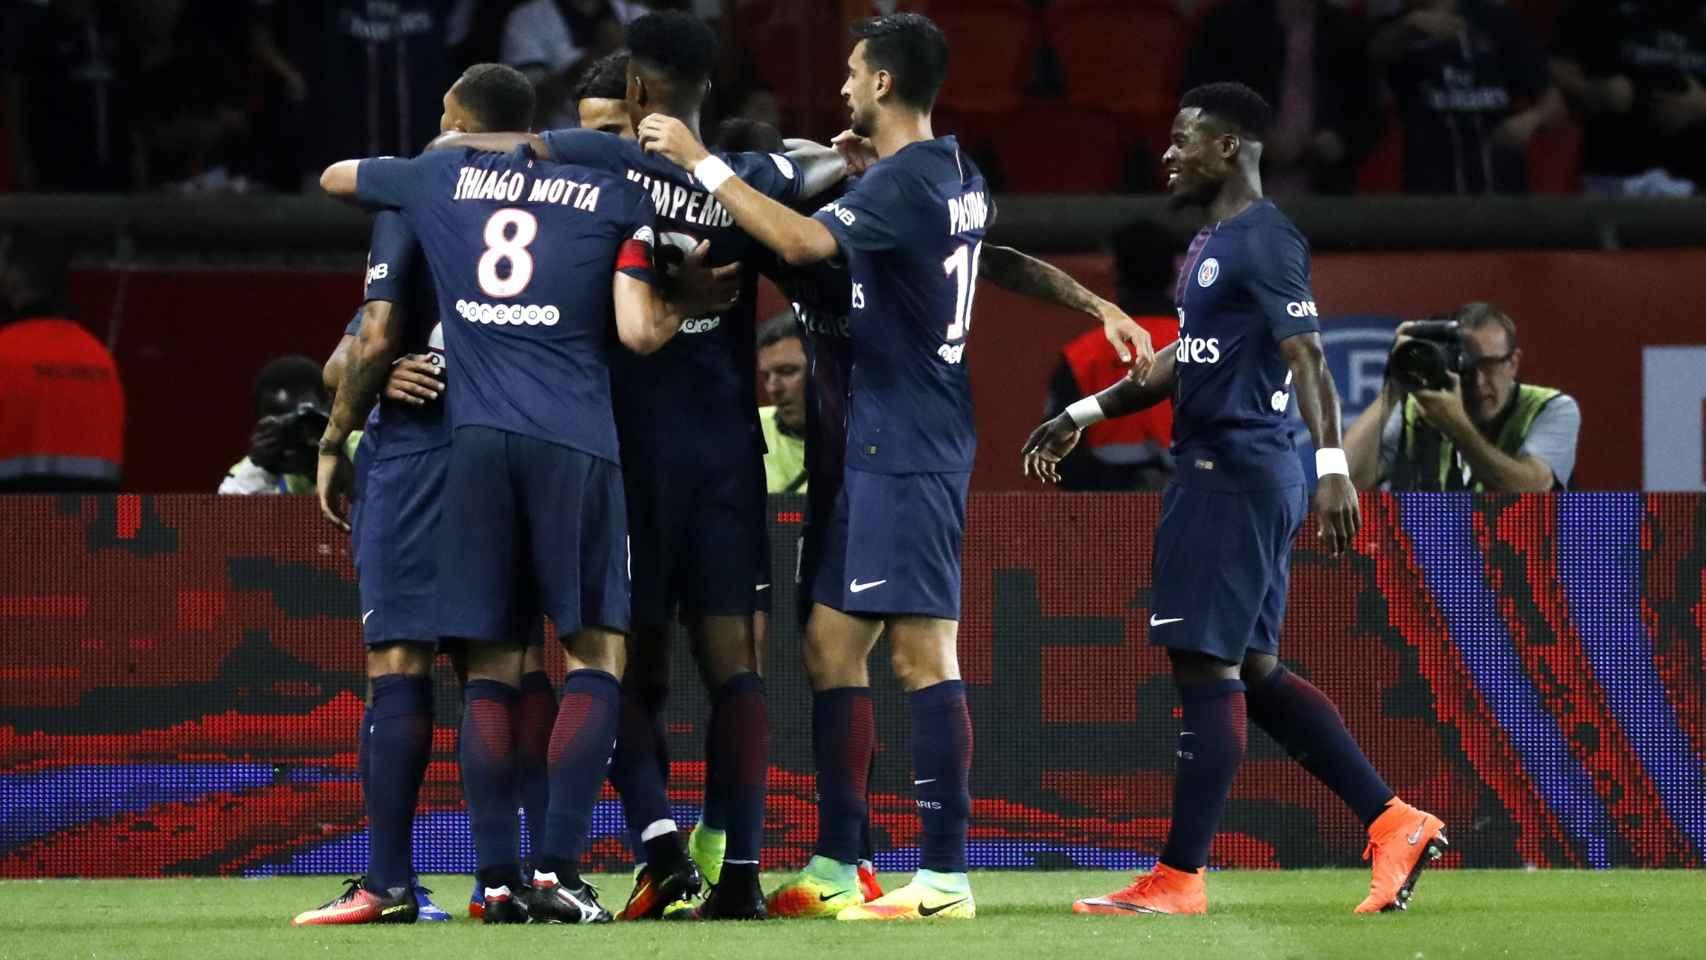 Jugadores del PSG celebran un gol ante el Metz.